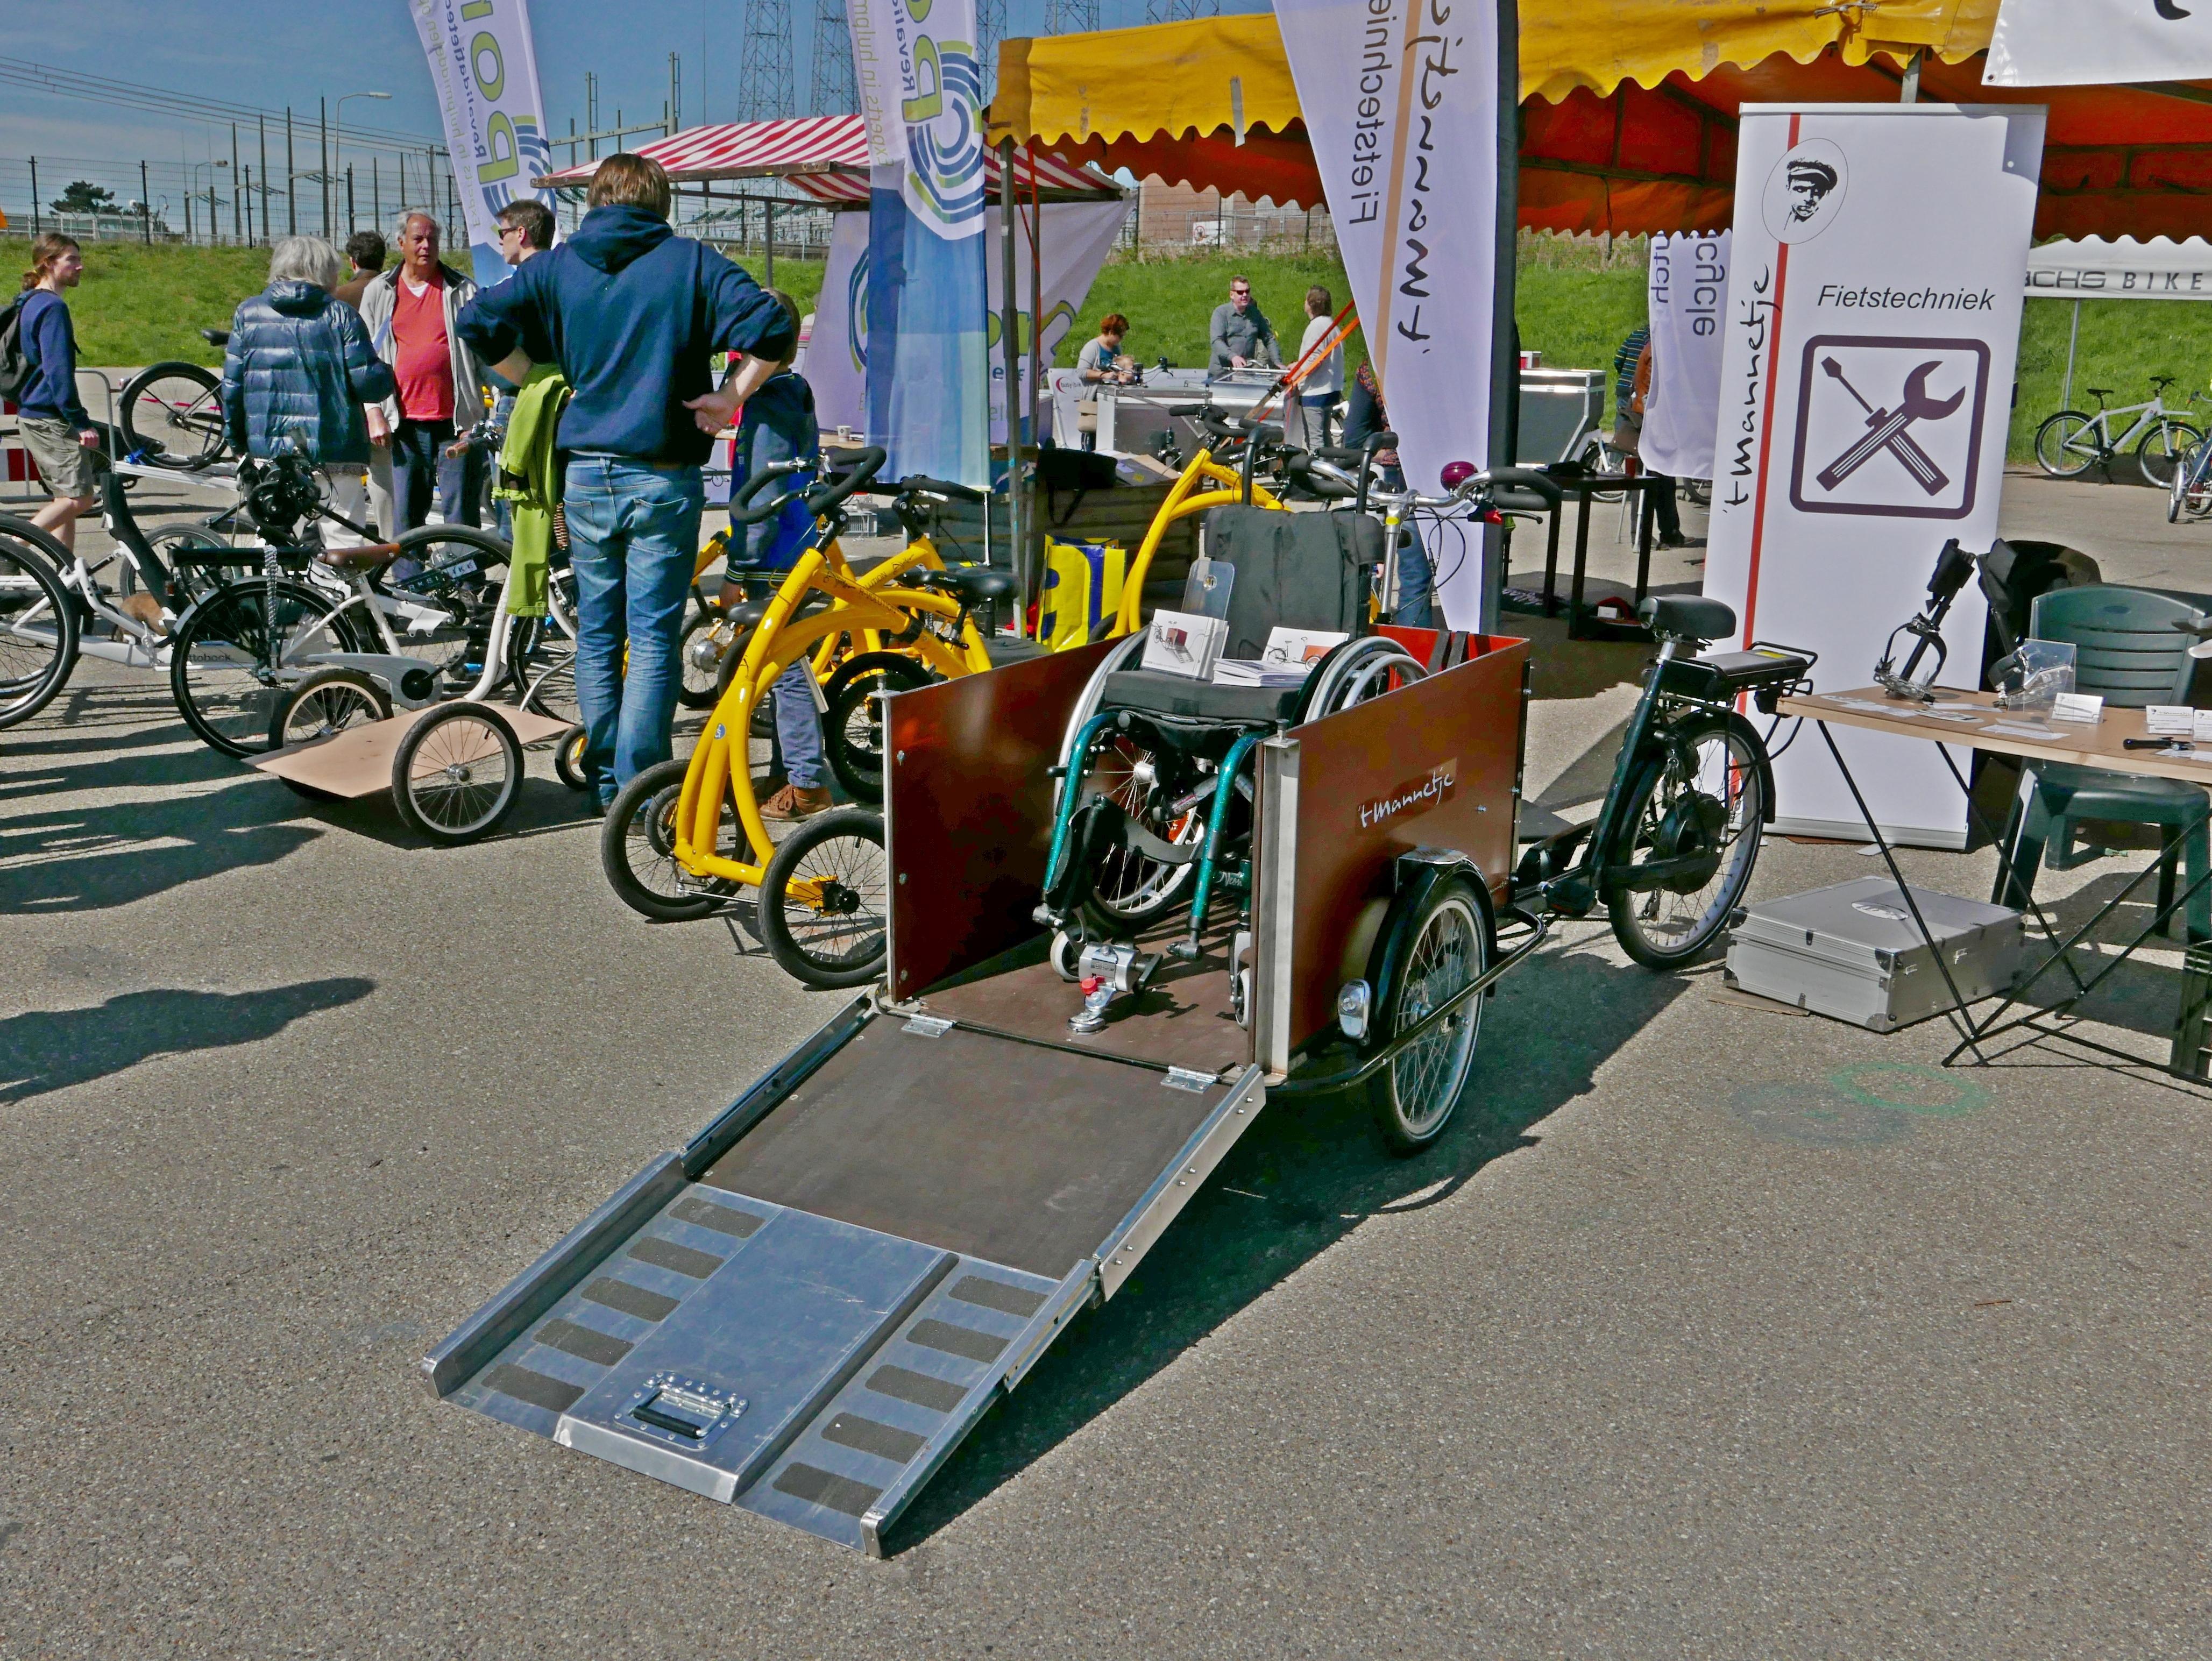 transportfiets met voorop rolstoel